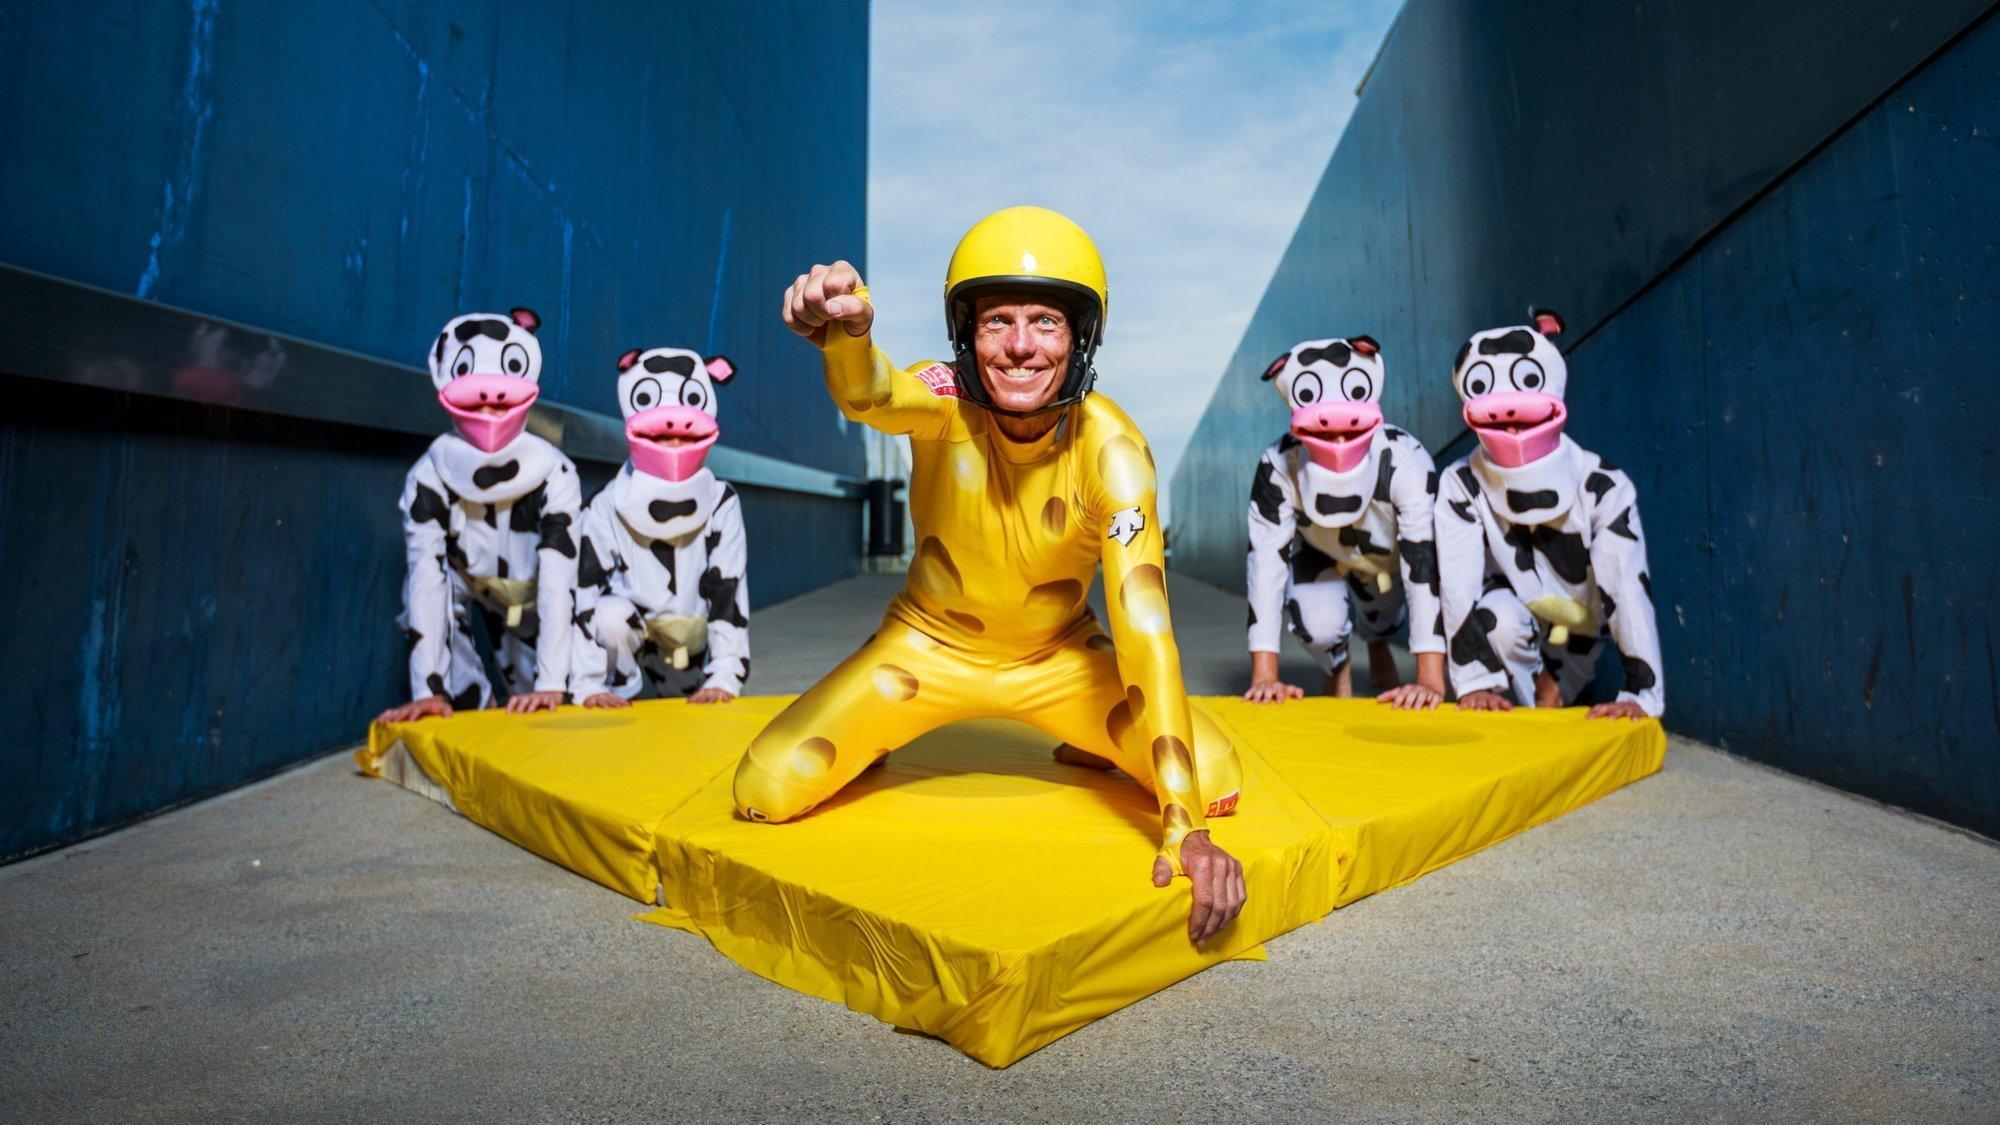 Fred Klink, avec sa combinaison de l'équipe suisse de ski des années 90, se fera pousser par ses quatre acolytes.